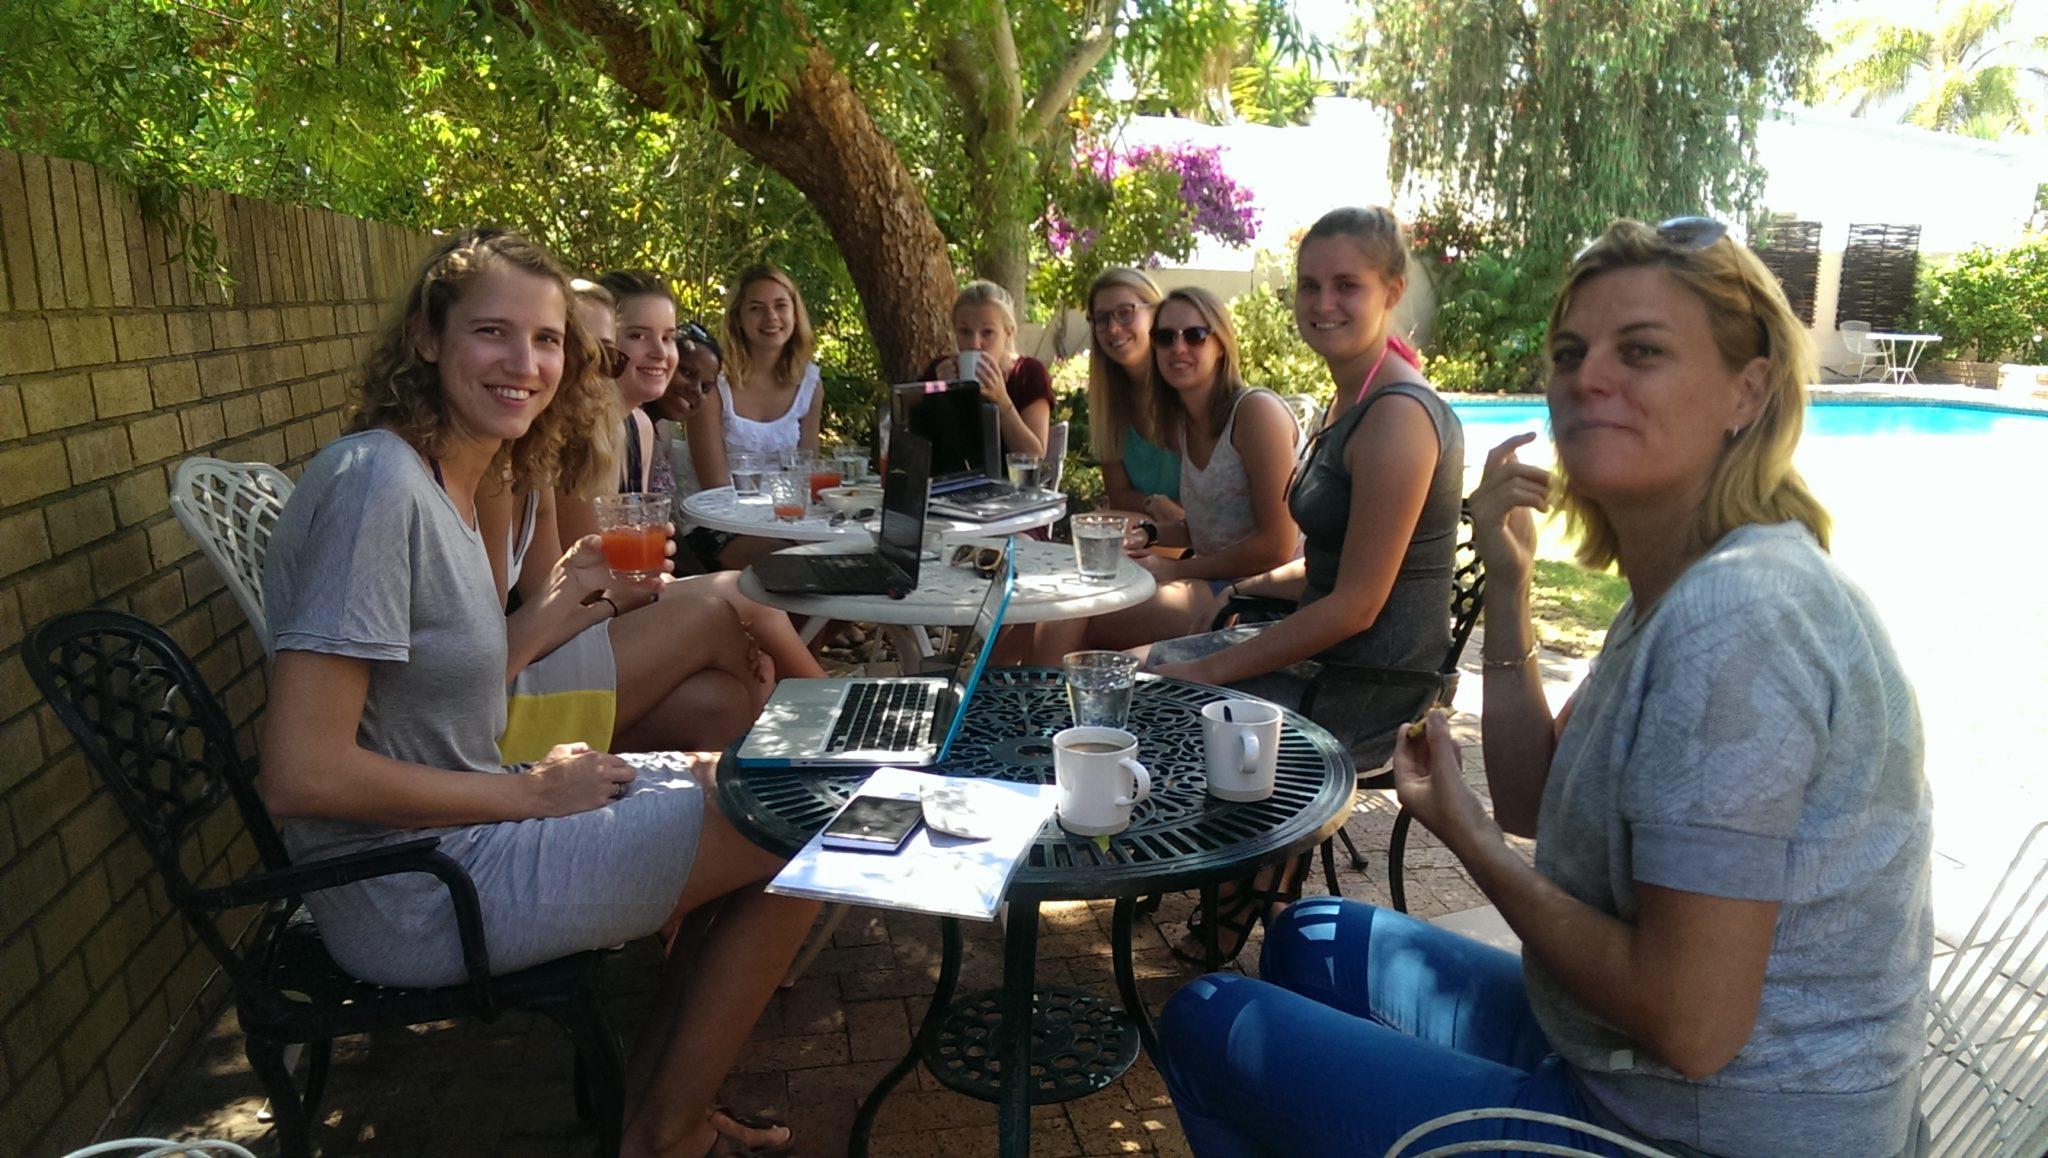 De Rotterdamse studenten met Wien Sillevis Smit aan het werk